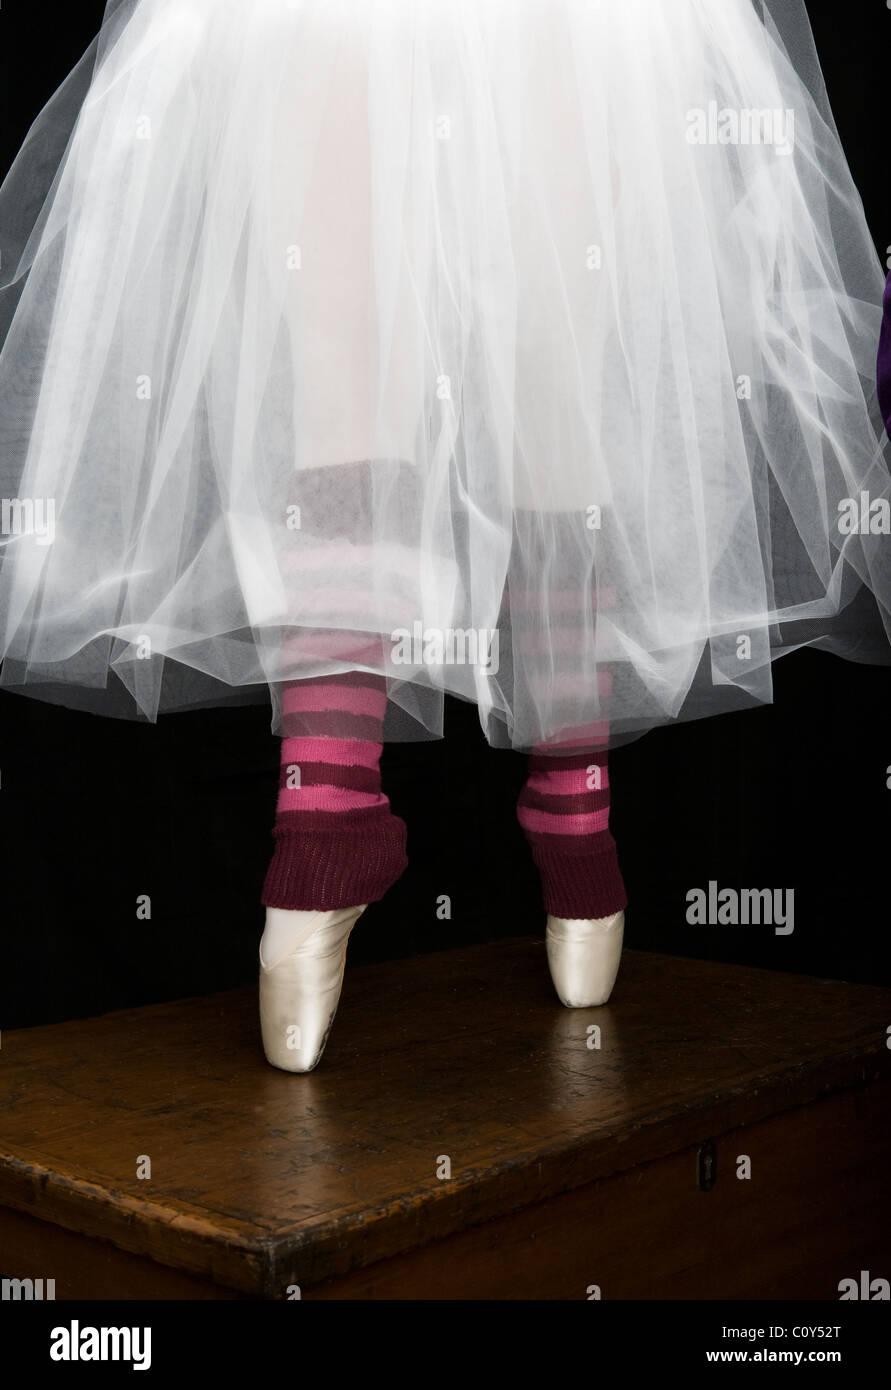 Detalle retrato de una bailarina adolescente vistiendo un tutú blanco y zapatillas de punta como ella de pie Imagen De Stock